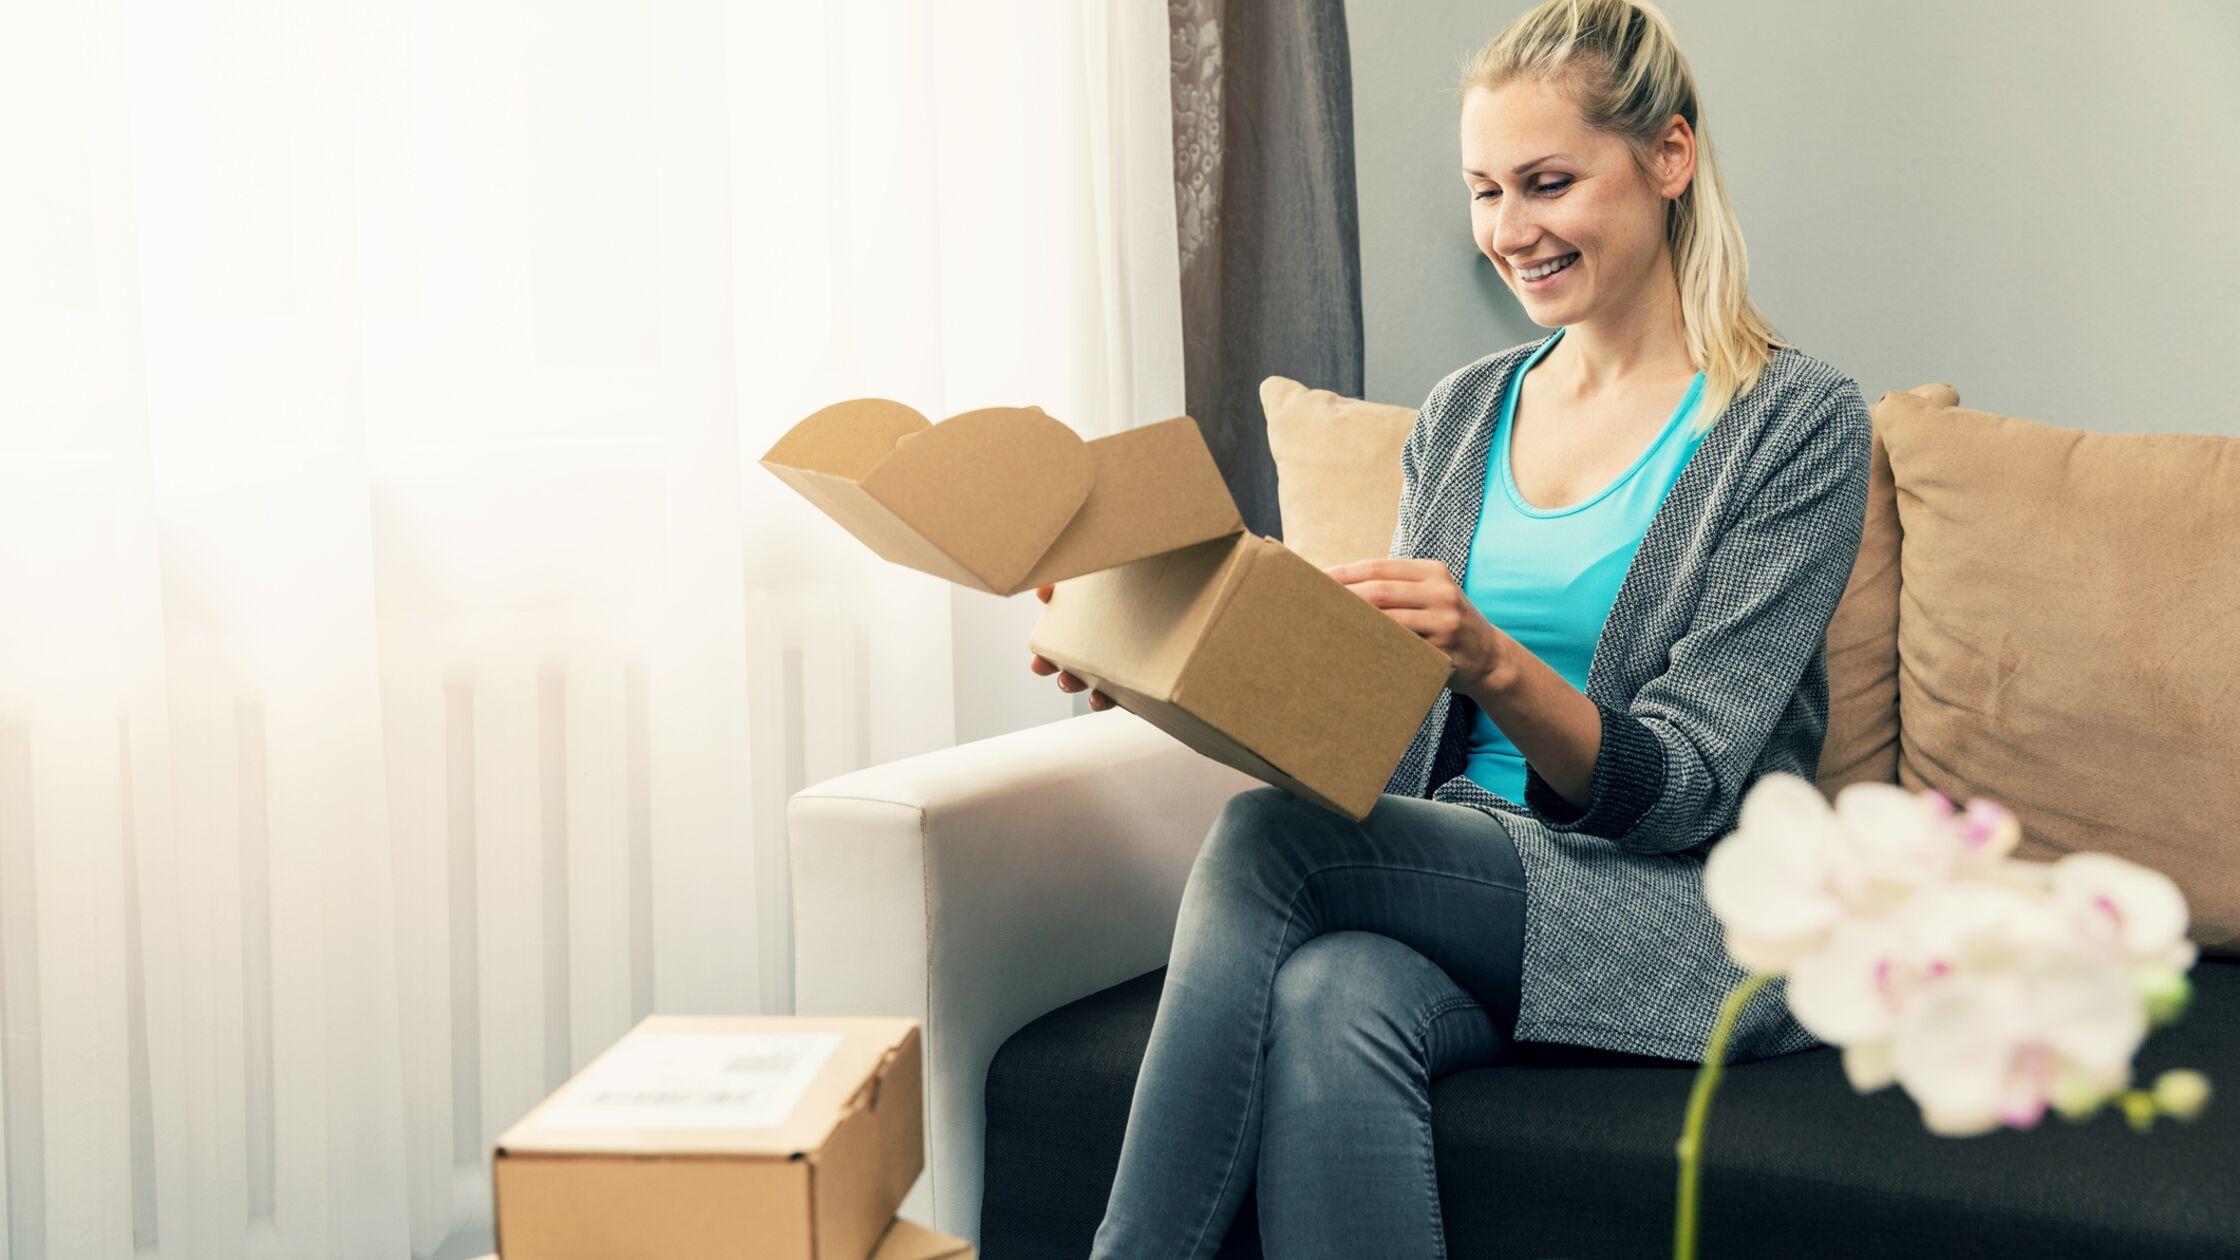 Junge Frau sitzt auf dem Sofa und öffnet Postpakete.